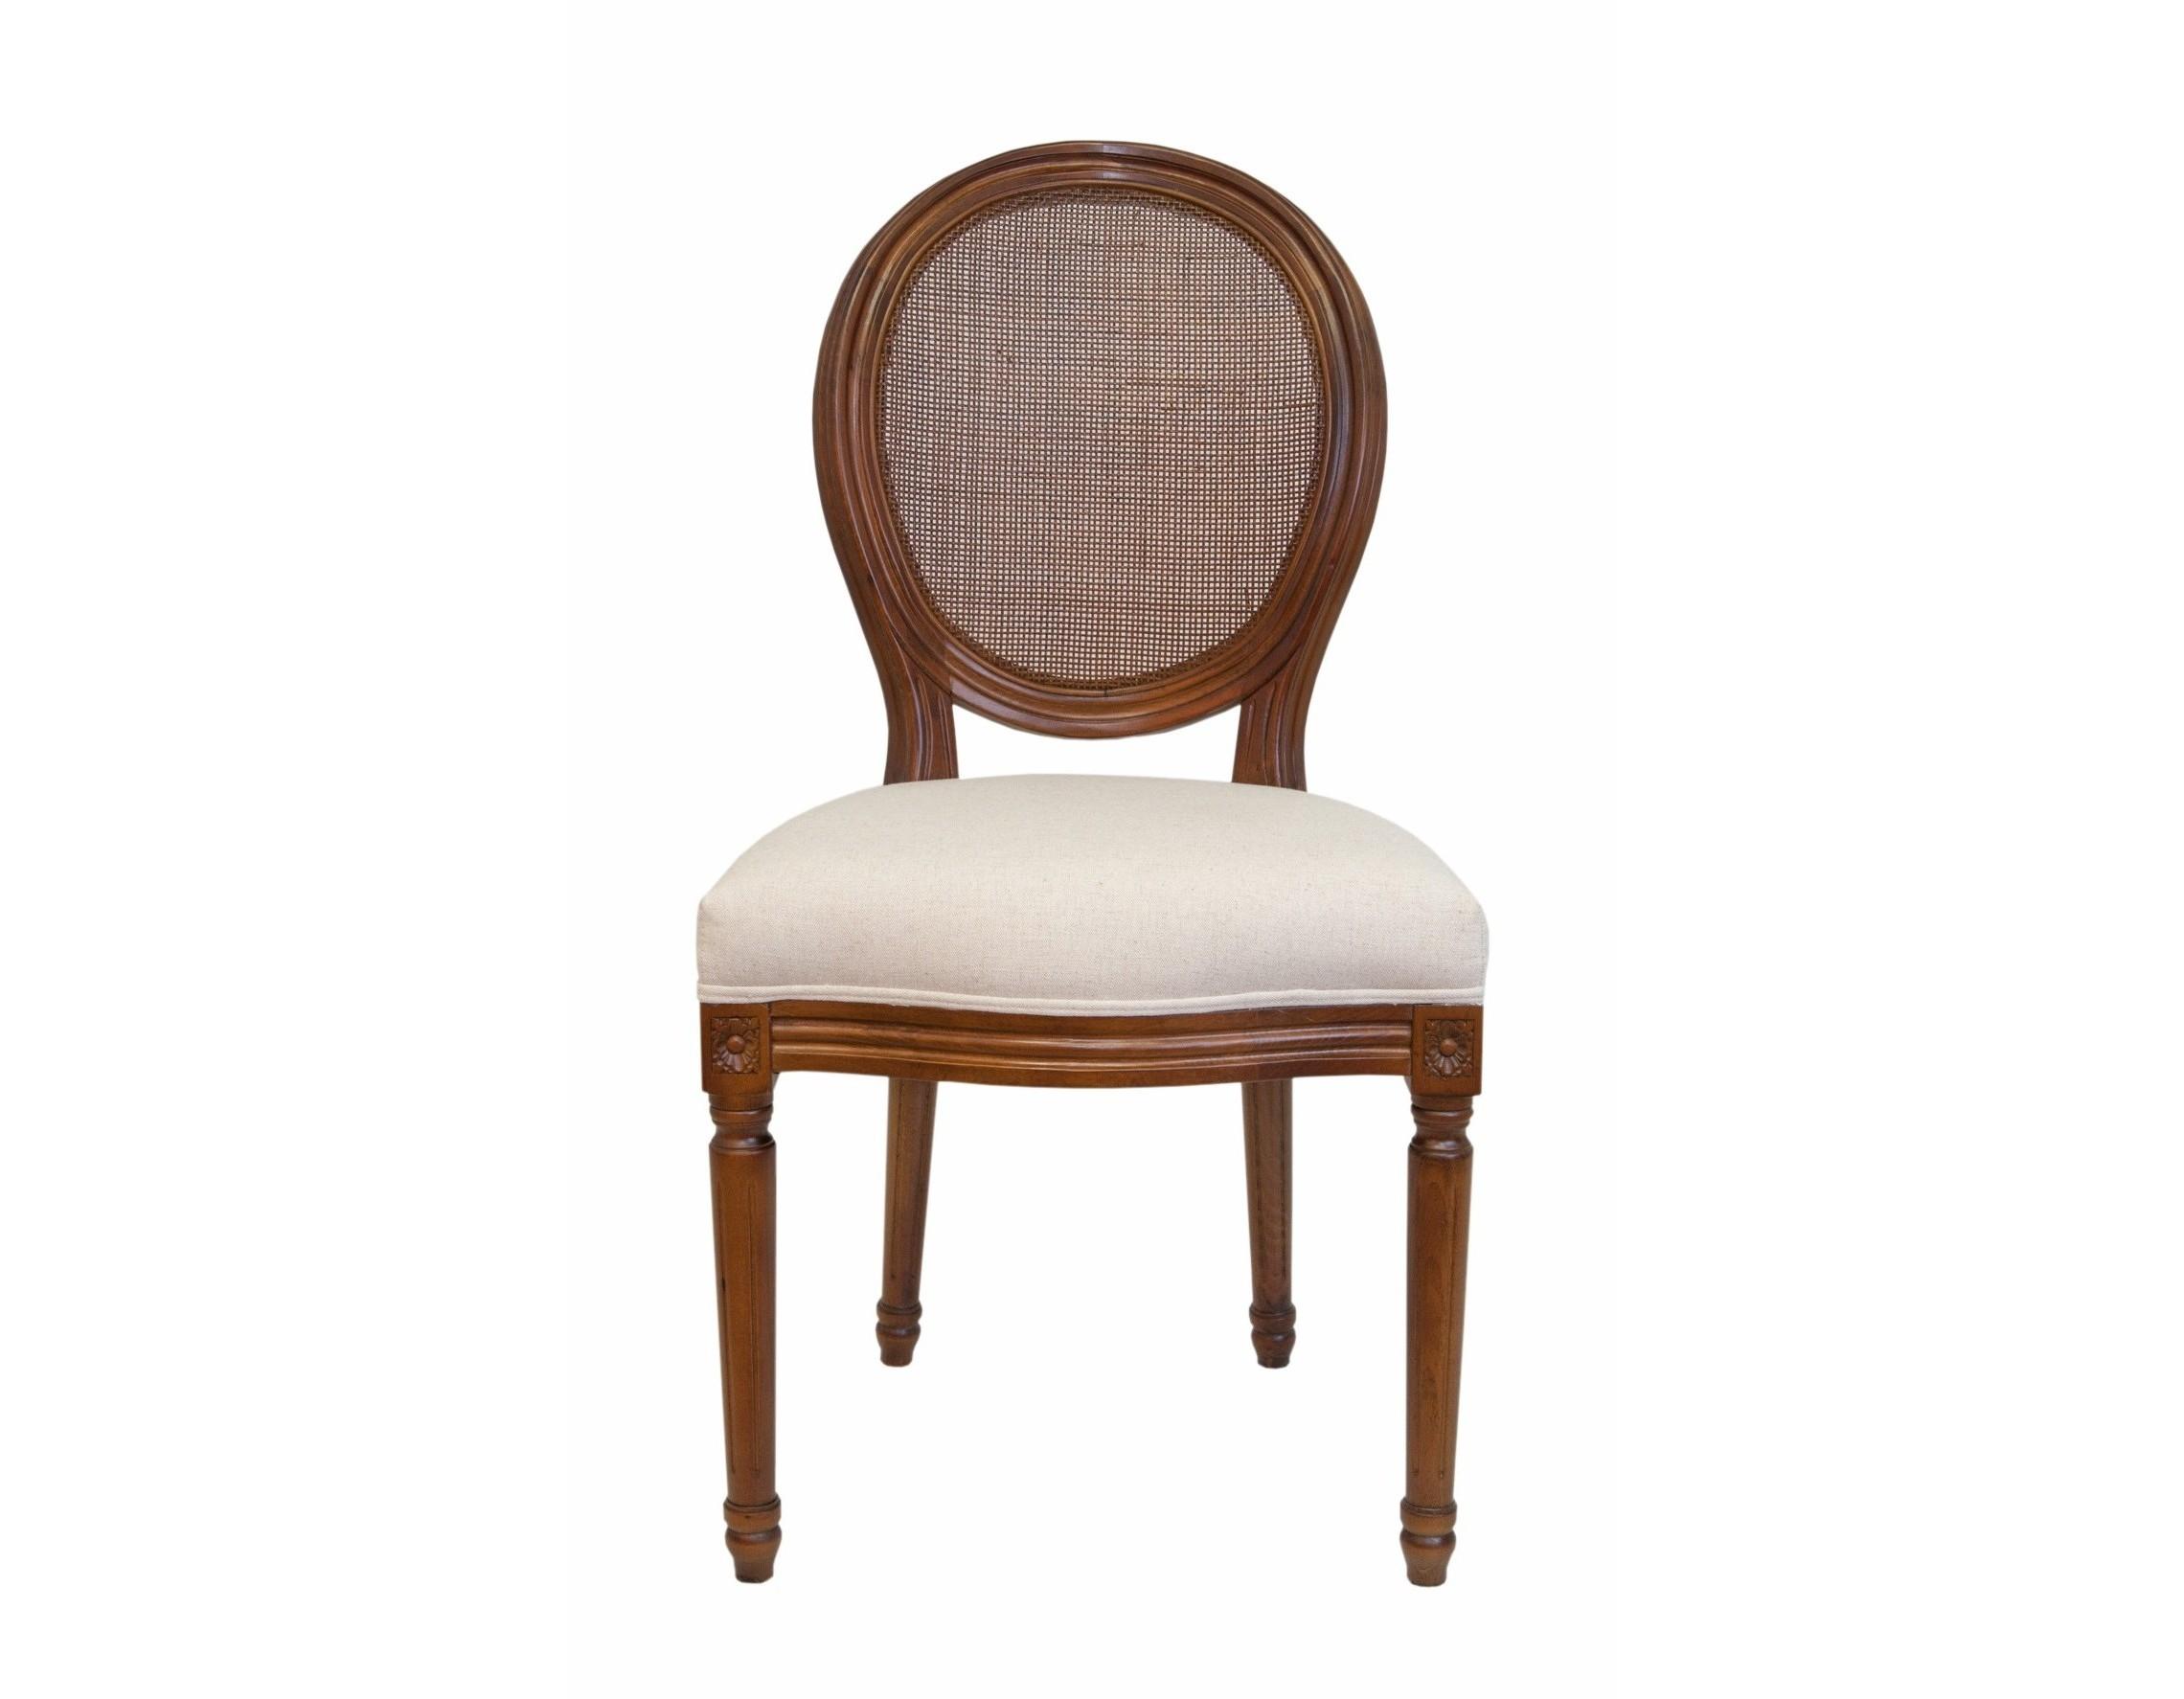 Стул Memos classicОбеденные стулья<br>Изысканный стул Memos classic с округлой спинкой напоминающей медальон, выполнен в элегантном классическом французском стиле. Спинка выполнена из ротанга, а основание модели выполнено из массива дерева в приятном теплом ореховом цвете. Стул Memos classic прекрасно дополнит интерьер гостиной или кухни, добавит изысканность и привлекательность в обычный интерьер.&amp;lt;div&amp;gt;&amp;lt;br&amp;gt;&amp;lt;/div&amp;gt;&amp;lt;div&amp;gt;Материал: лен, массив березы, ротанг.&amp;lt;br&amp;gt;&amp;lt;/div&amp;gt;<br><br>Material: Береза<br>Width см: 50<br>Depth см: 56<br>Height см: 96